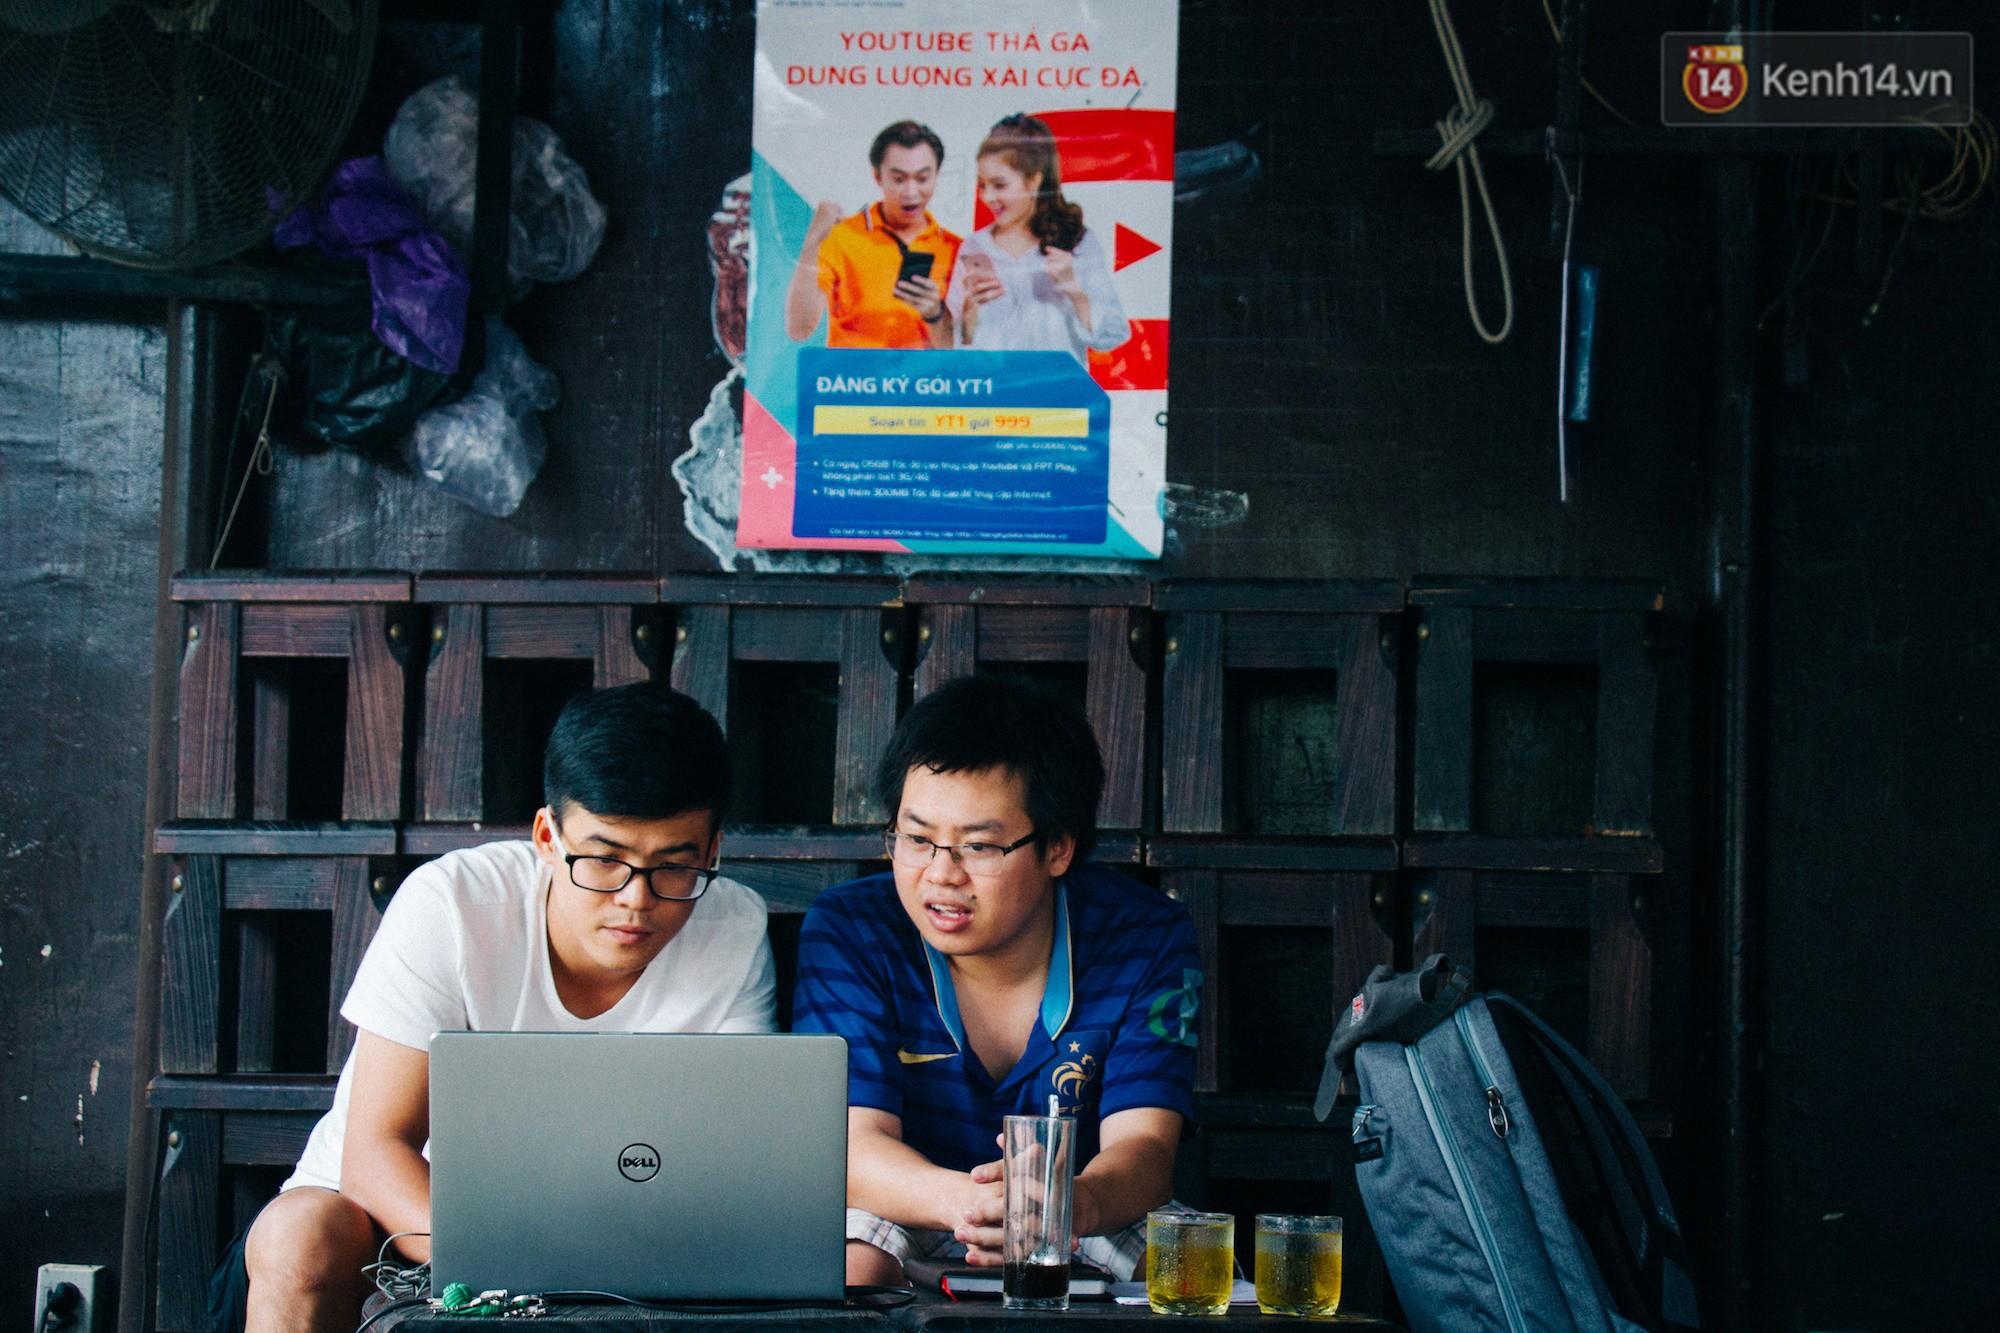 Chùm ảnh: Người Sài Gòn và thói quen uống cafe cóc từ lúc mặt trời chưa ló dạng cho đến chiều tà - Ảnh 12.